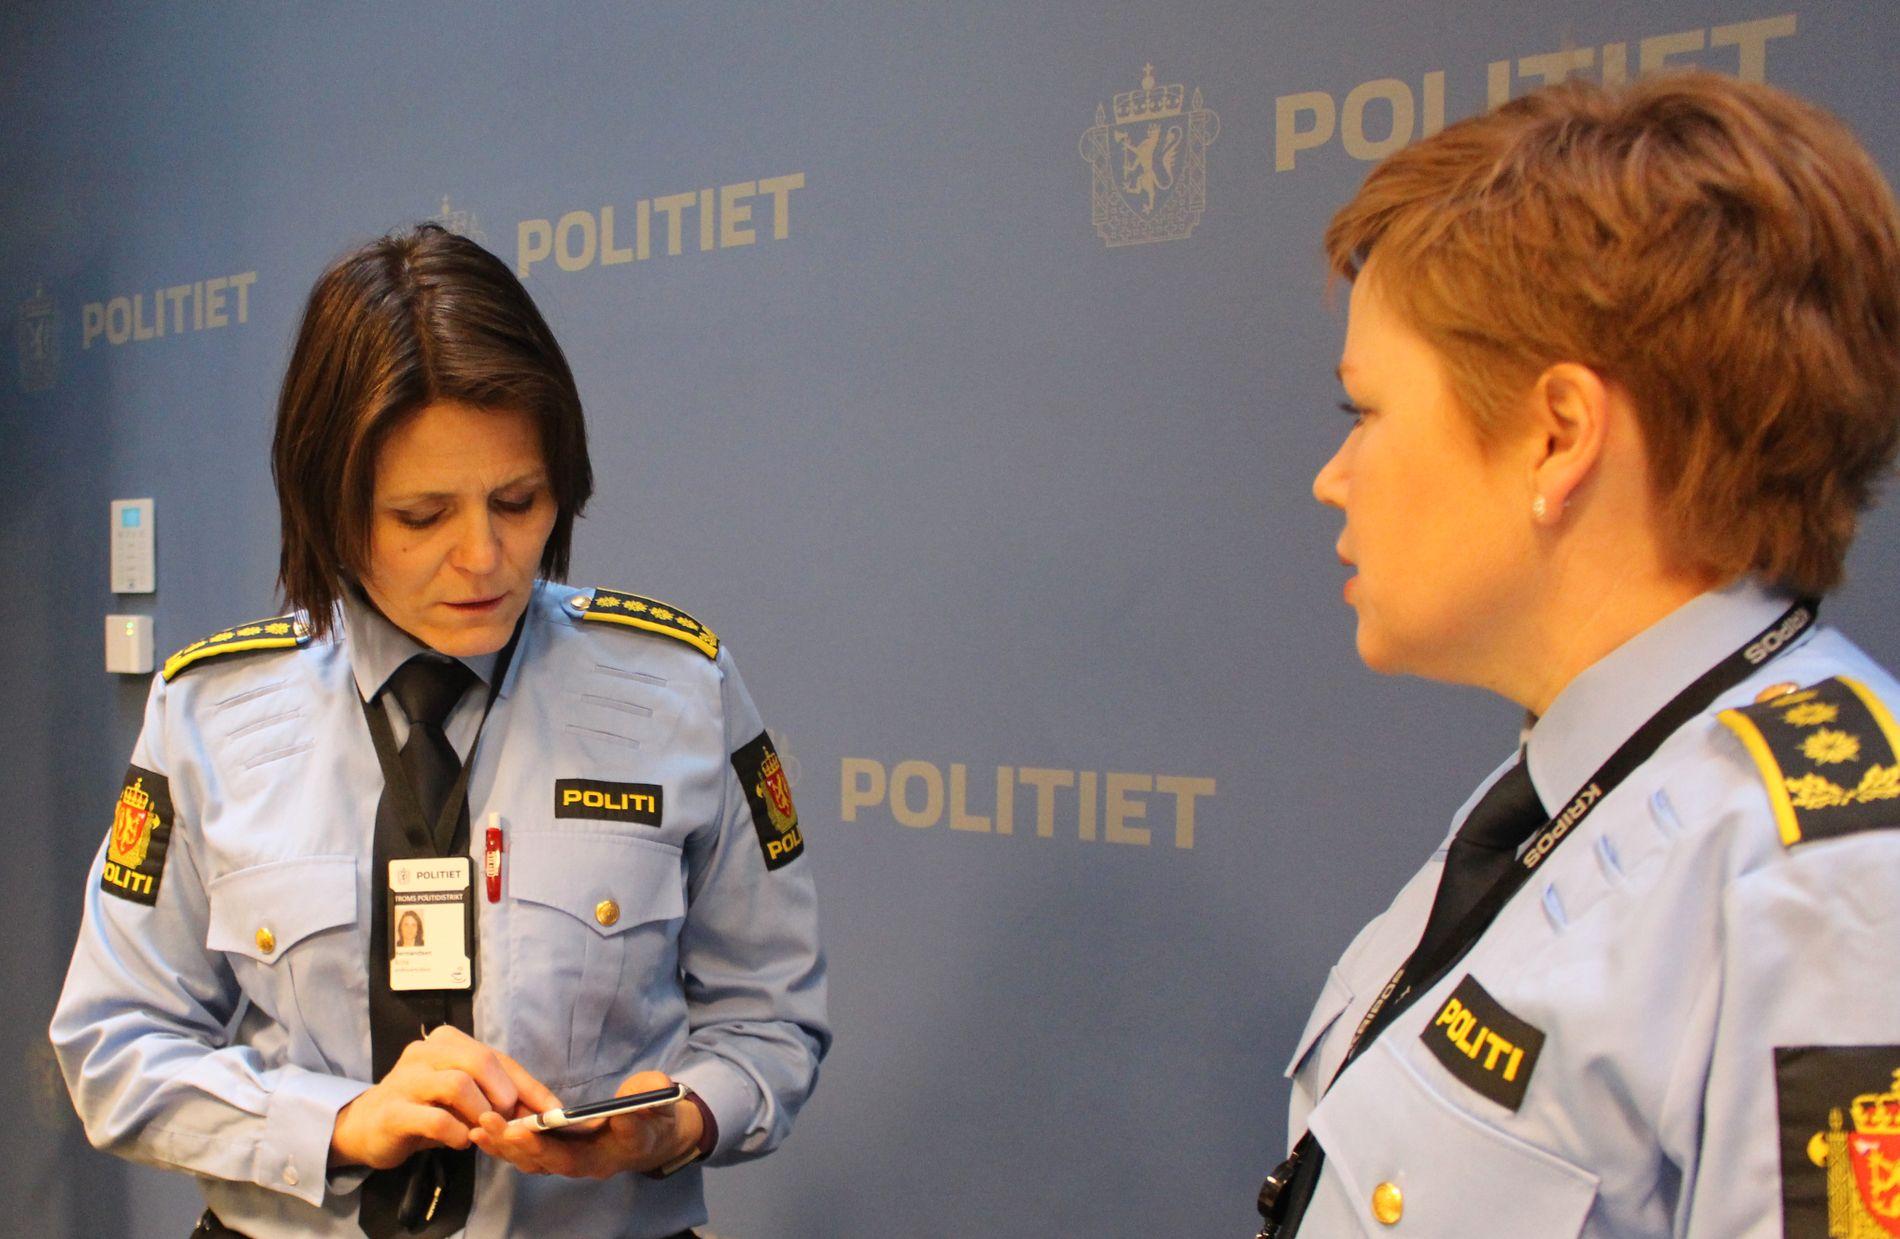 ETTERFORSKER VIDERE: Politistasjonssjef Anita Hermansen (t.v.) og politiadvokat Elin Norgård Strand informerte om saken mot den sedelighetssiktede samfunnstoppen på politihuset i Tromsø torsdag ettermiddag.,